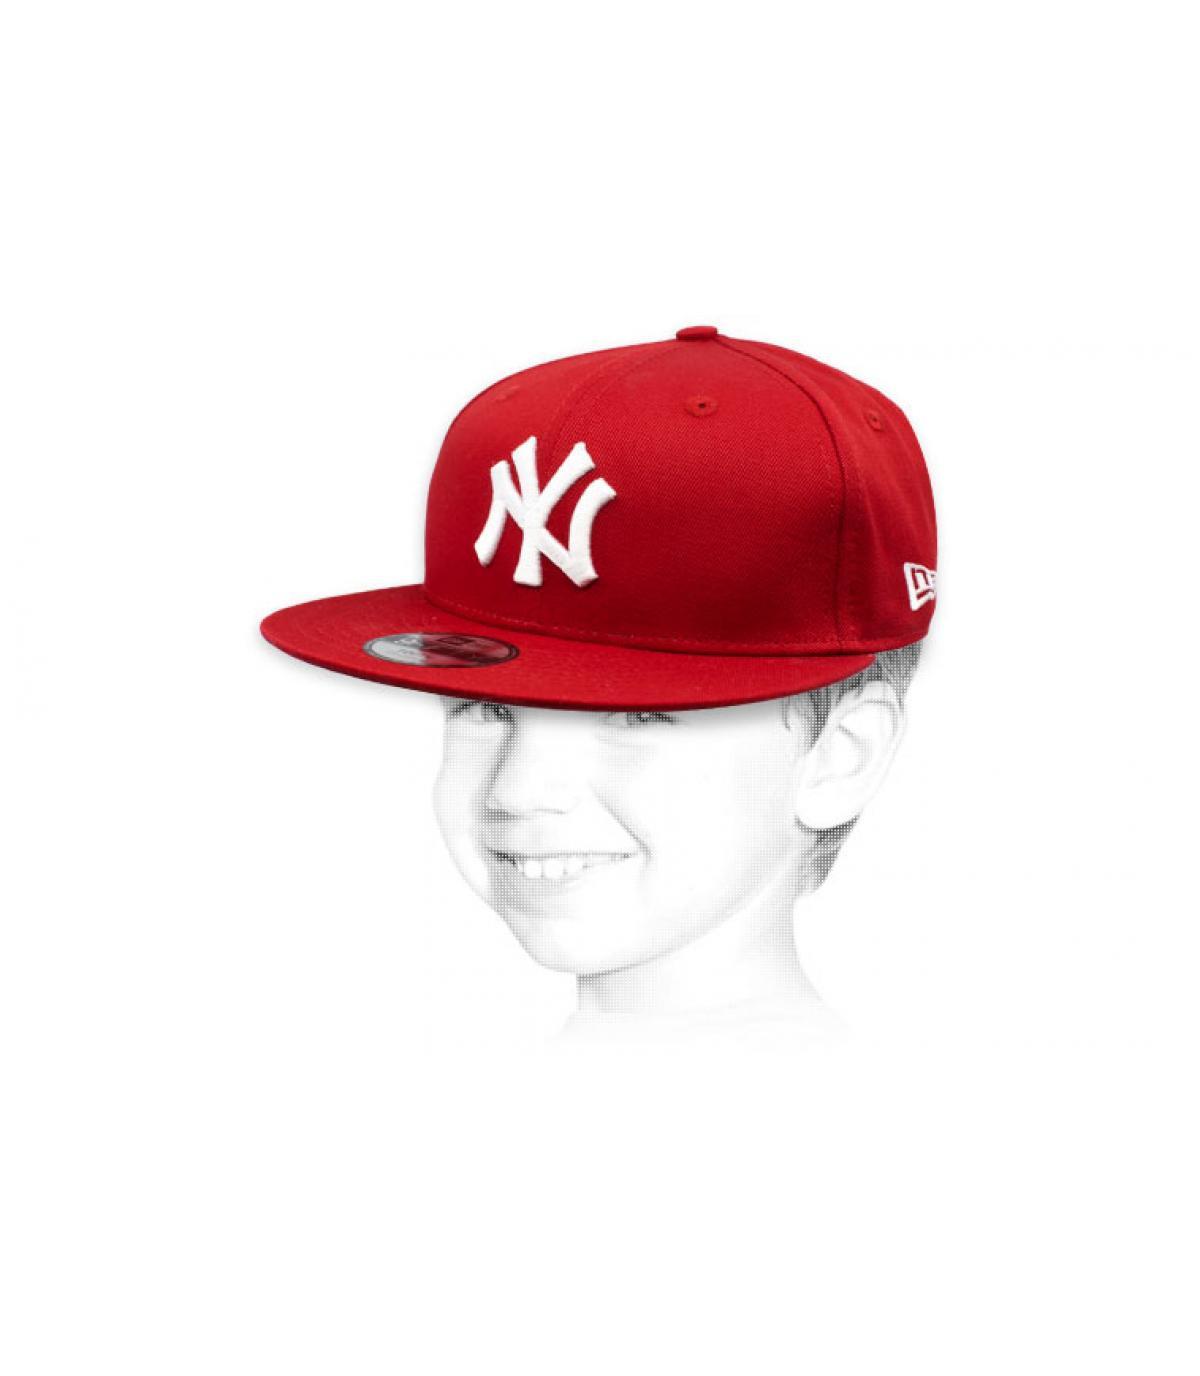 berretto bambino NY rosso bianco